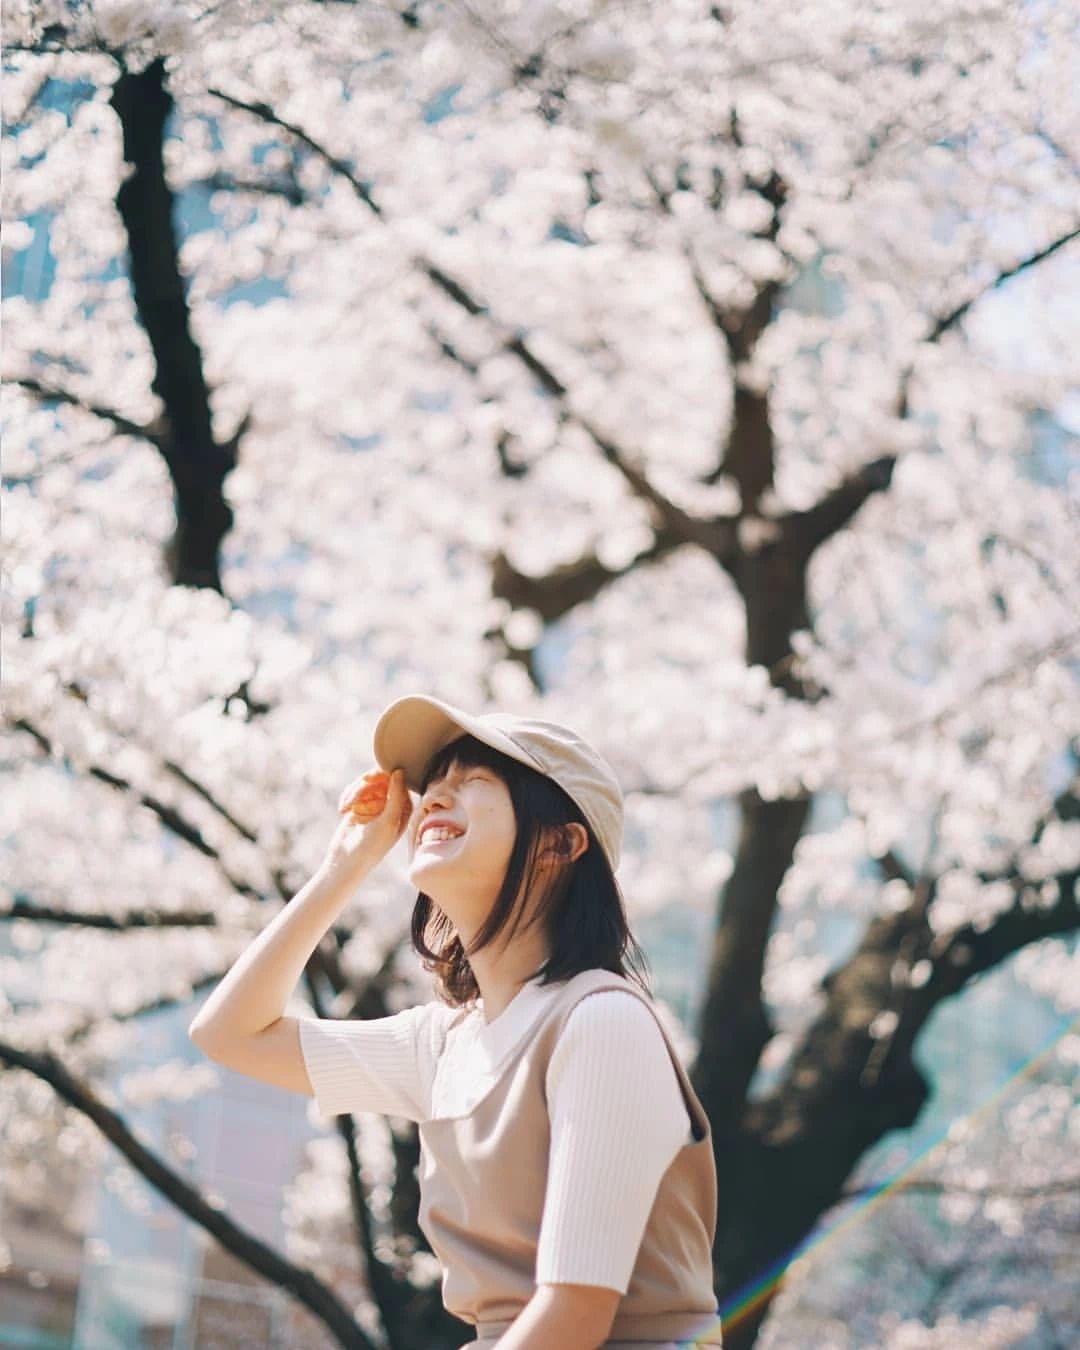 永远一张娃娃脸的棉花糖女孩弘中绫香写真作品 (66)